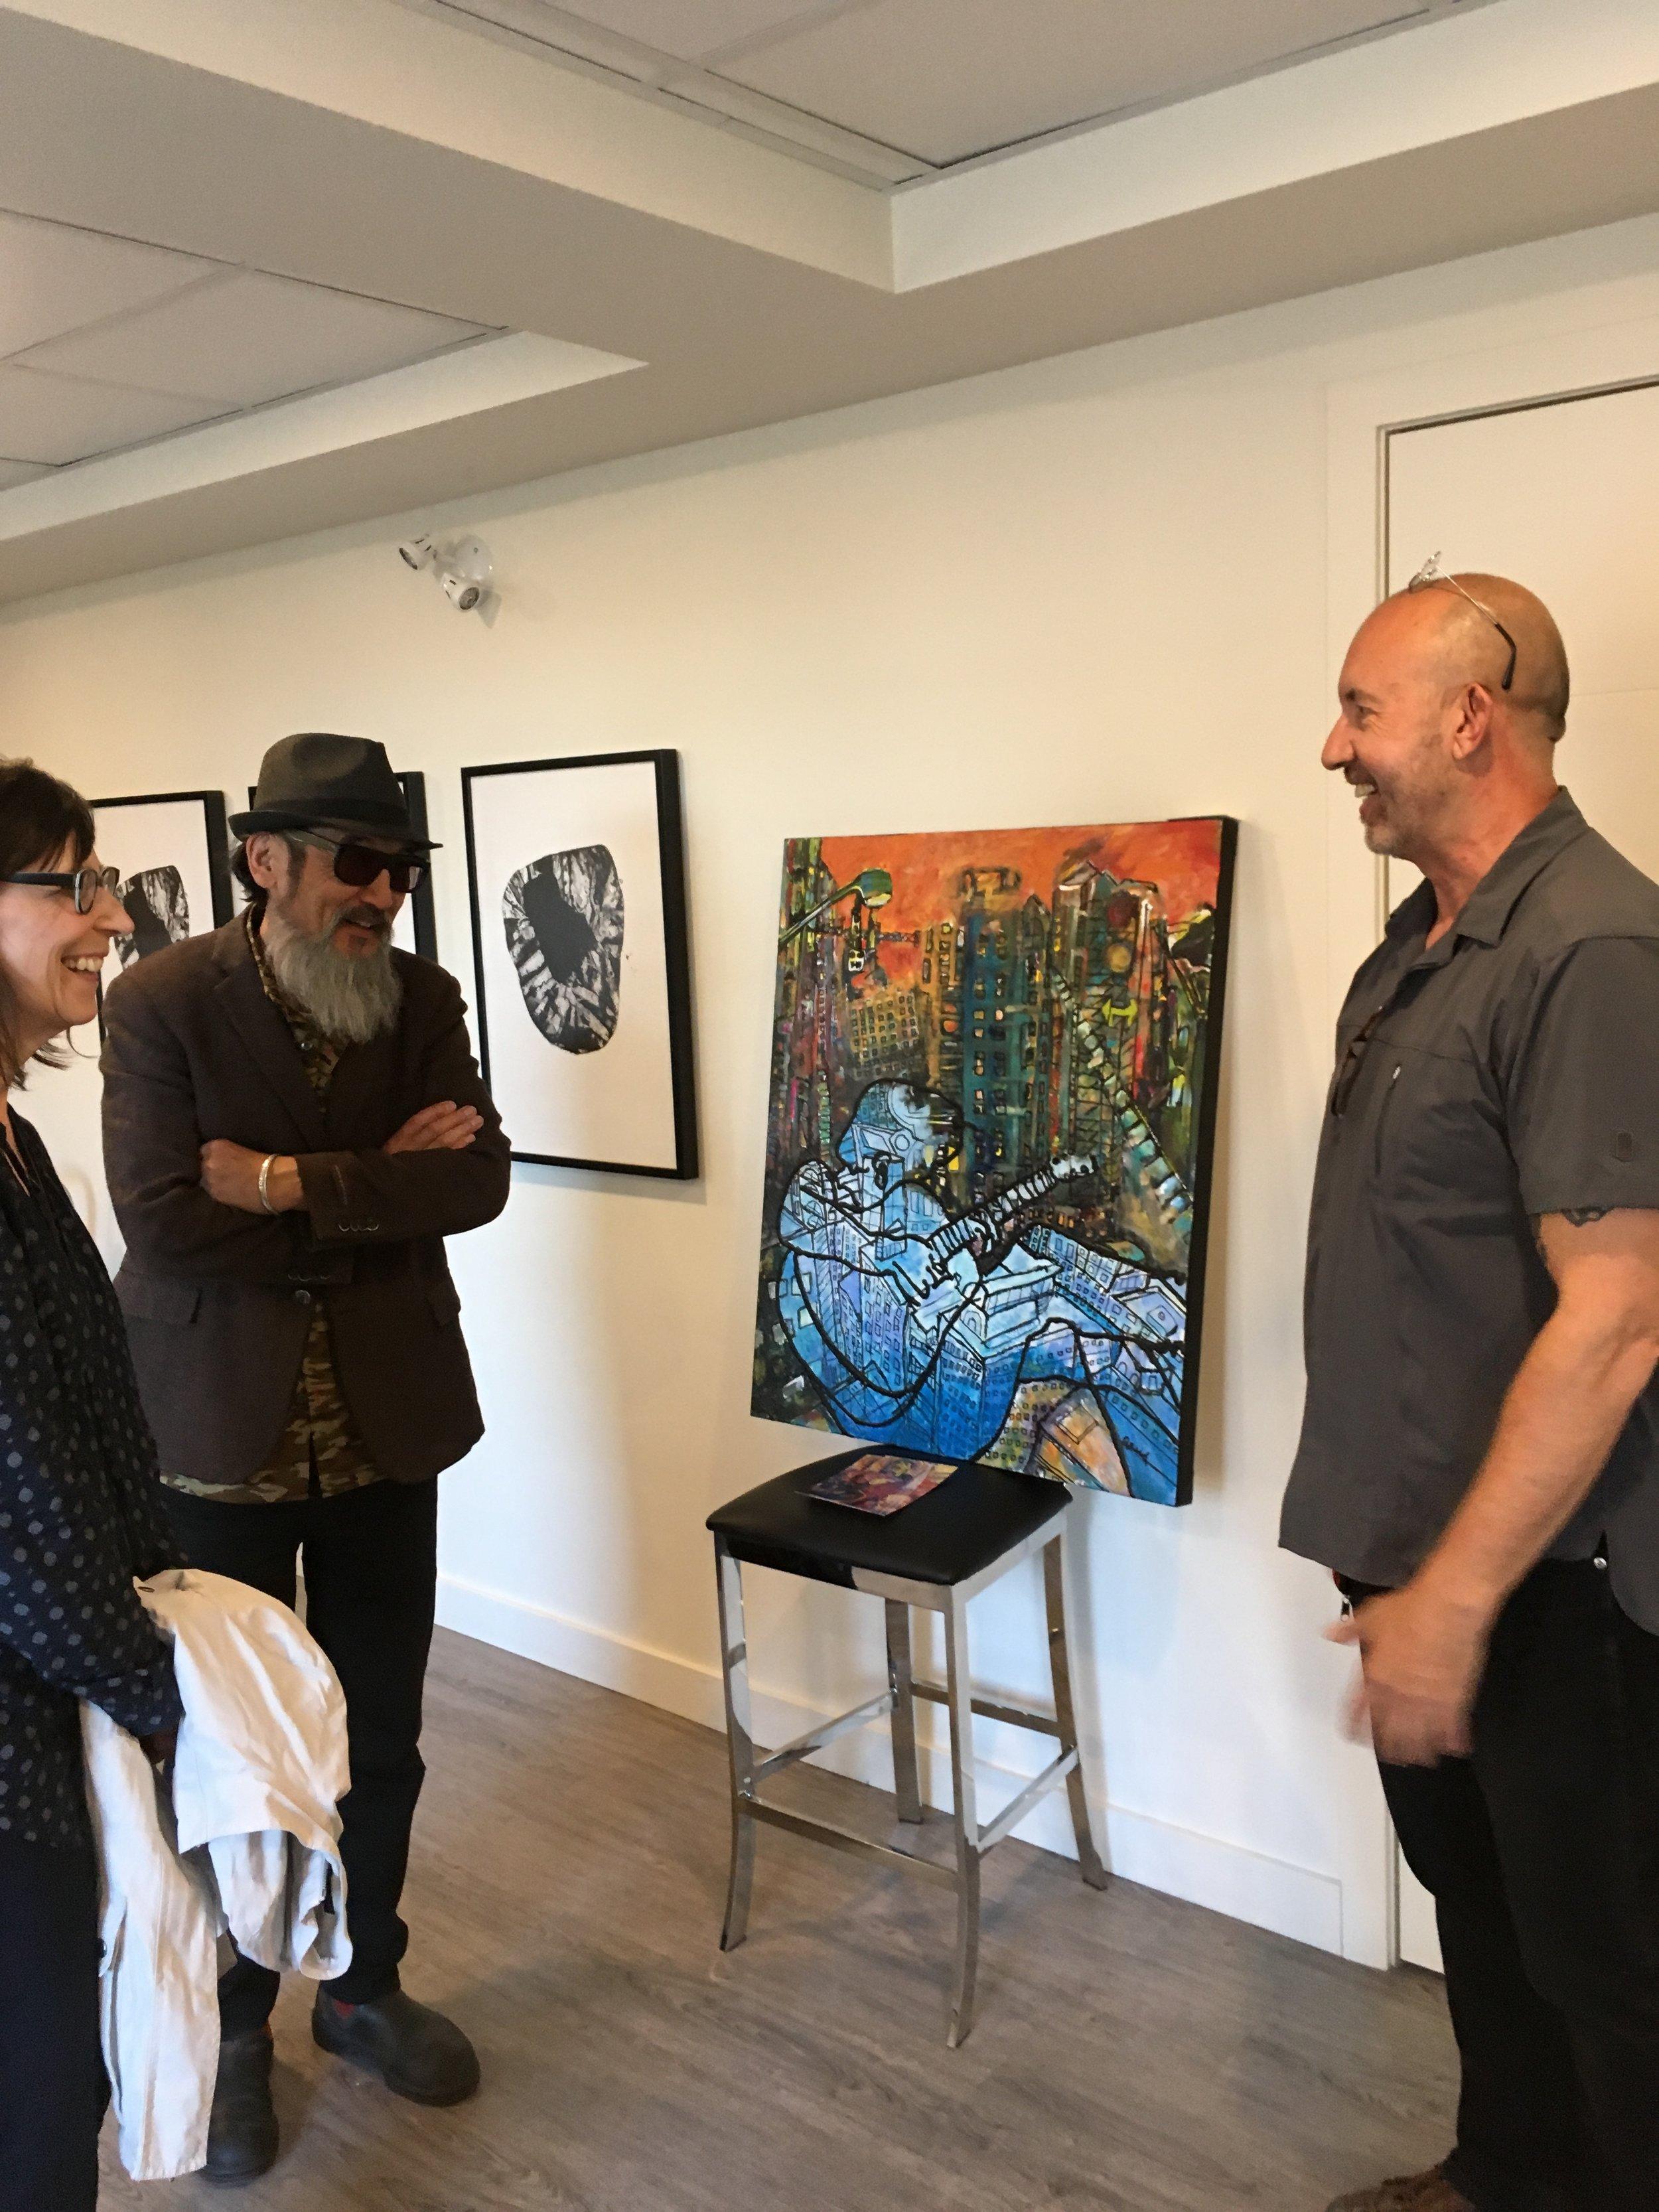 Just talking art